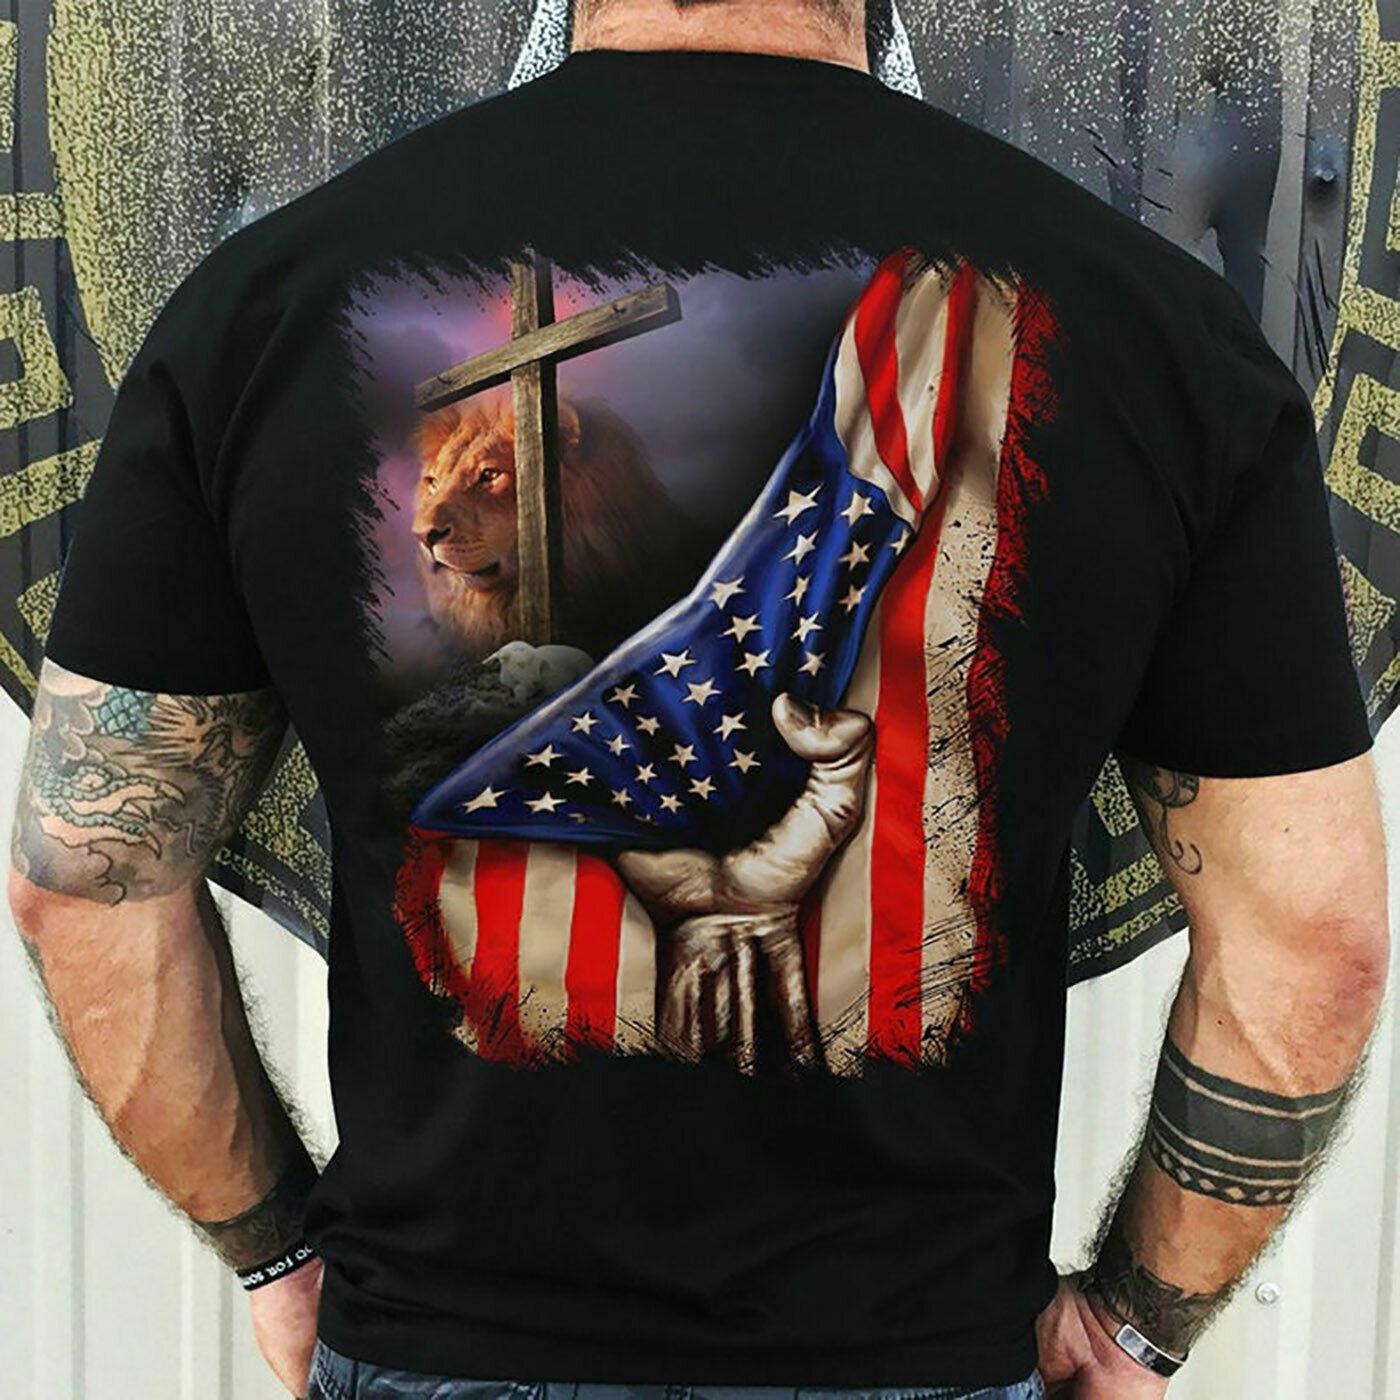 Jesus Veteran T-Shirt Backside Us Flag Lion Art Christian Cross Tee Gift Masswerks Store